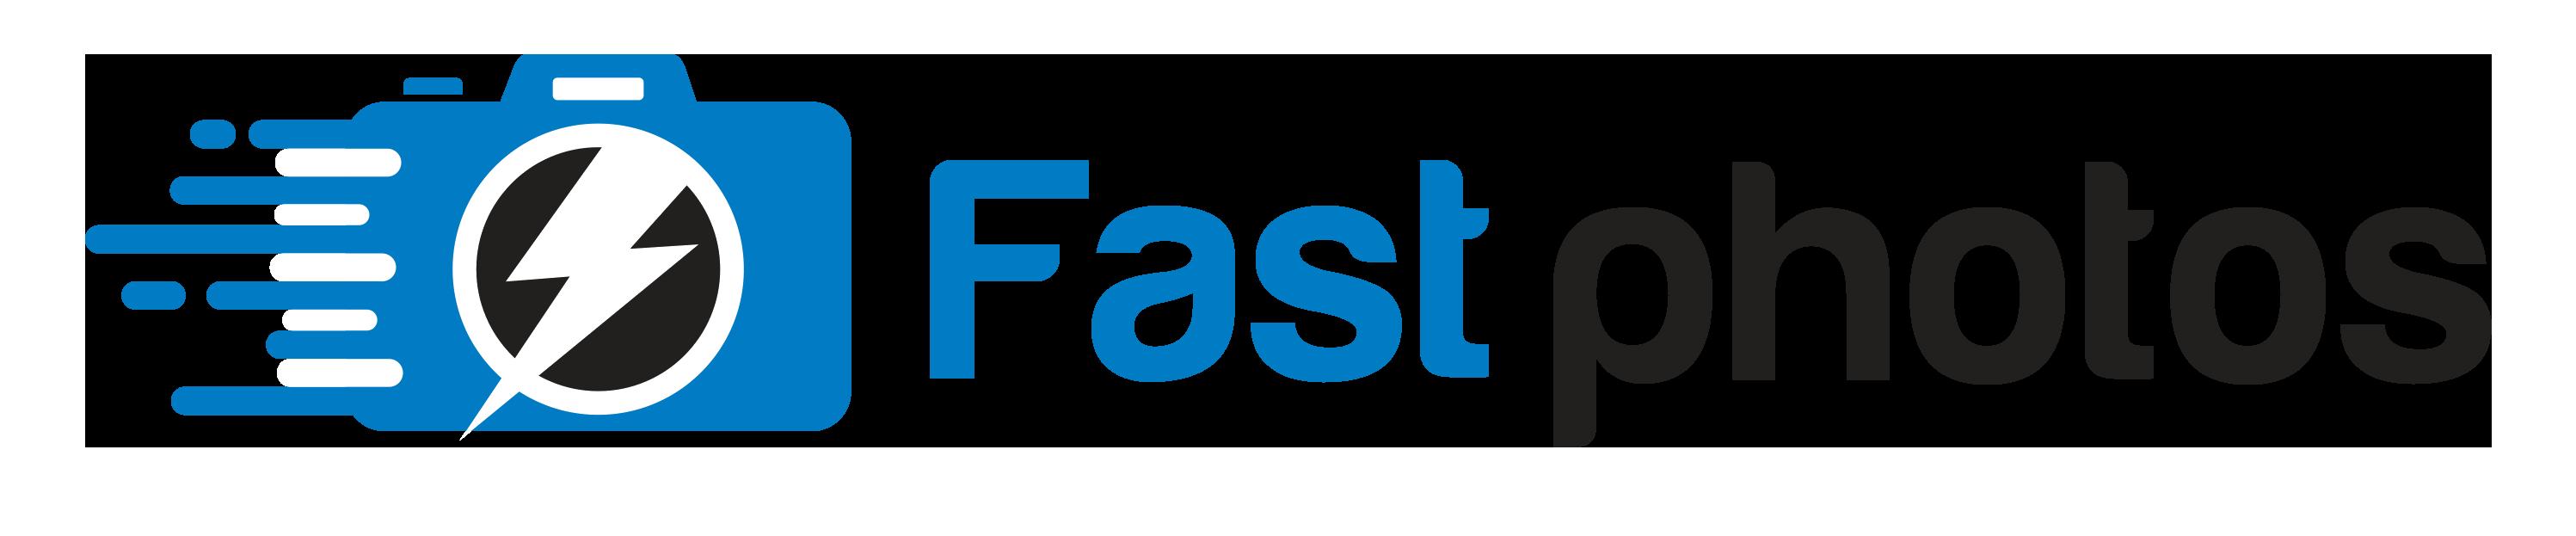 Fast Photos floor plan in Atlanta